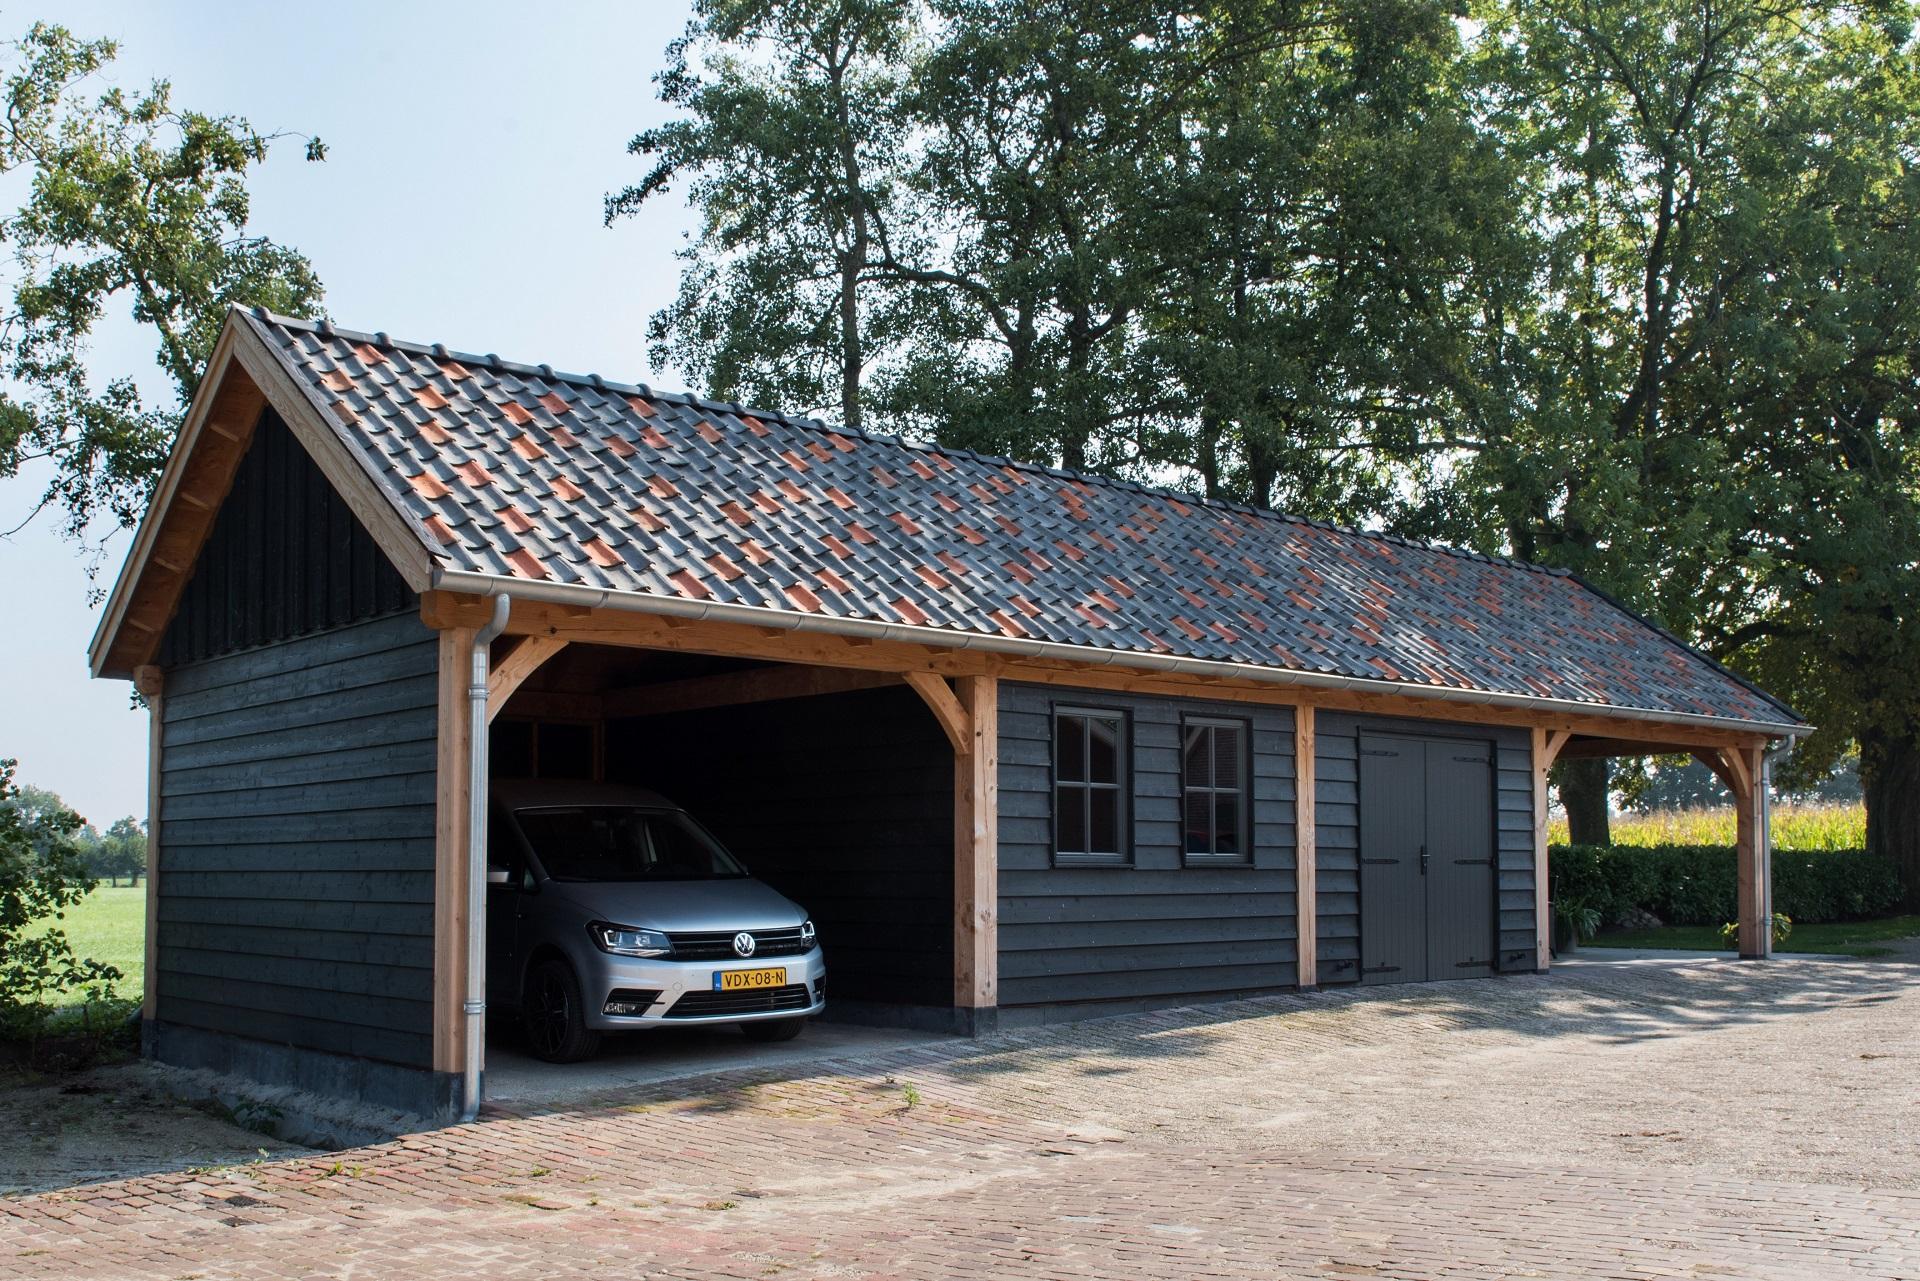 Houten garage met carport van Hava